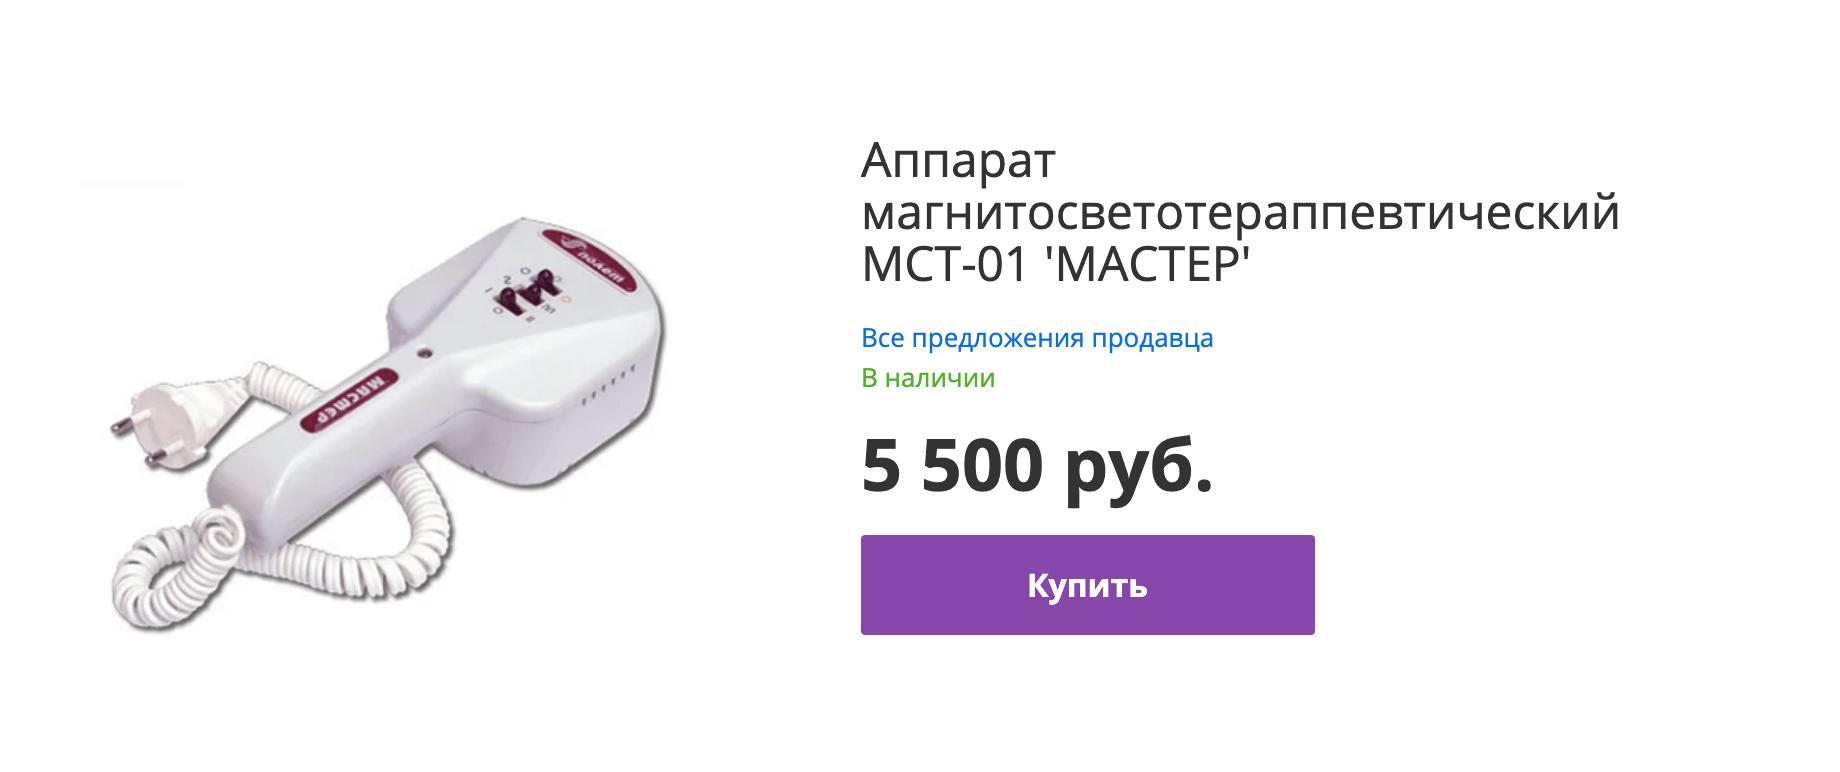 Аппарат «МСТ-01 Мастер» похож нафен и лечит нетолько низкочастотным магнитным полем, ноисиним светом — итоидругое неэффективно